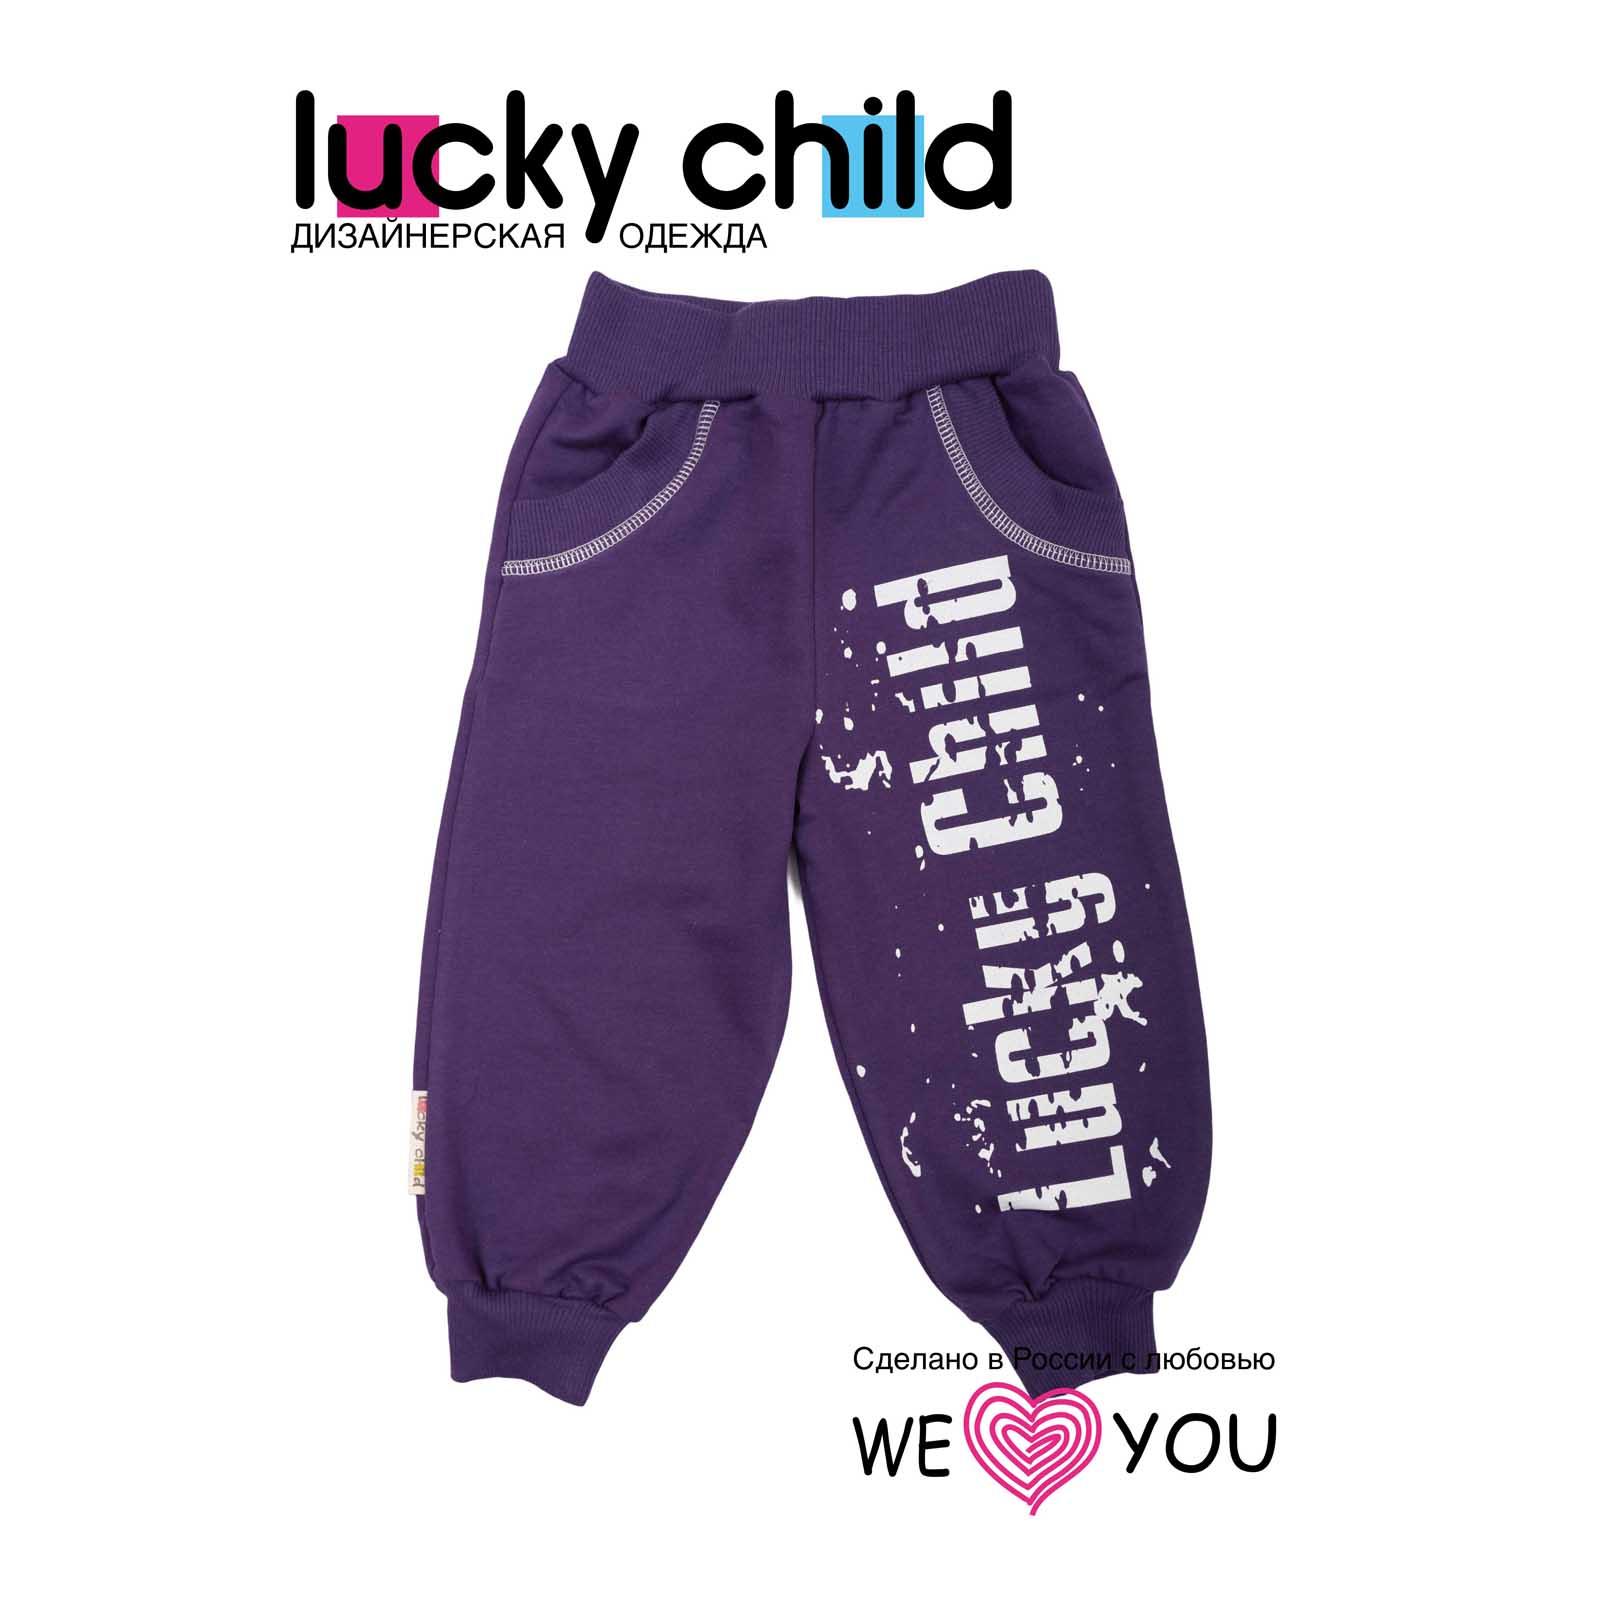 Штанишки Lucky Child утепленные, цвет фиолетовый размер 92<br>